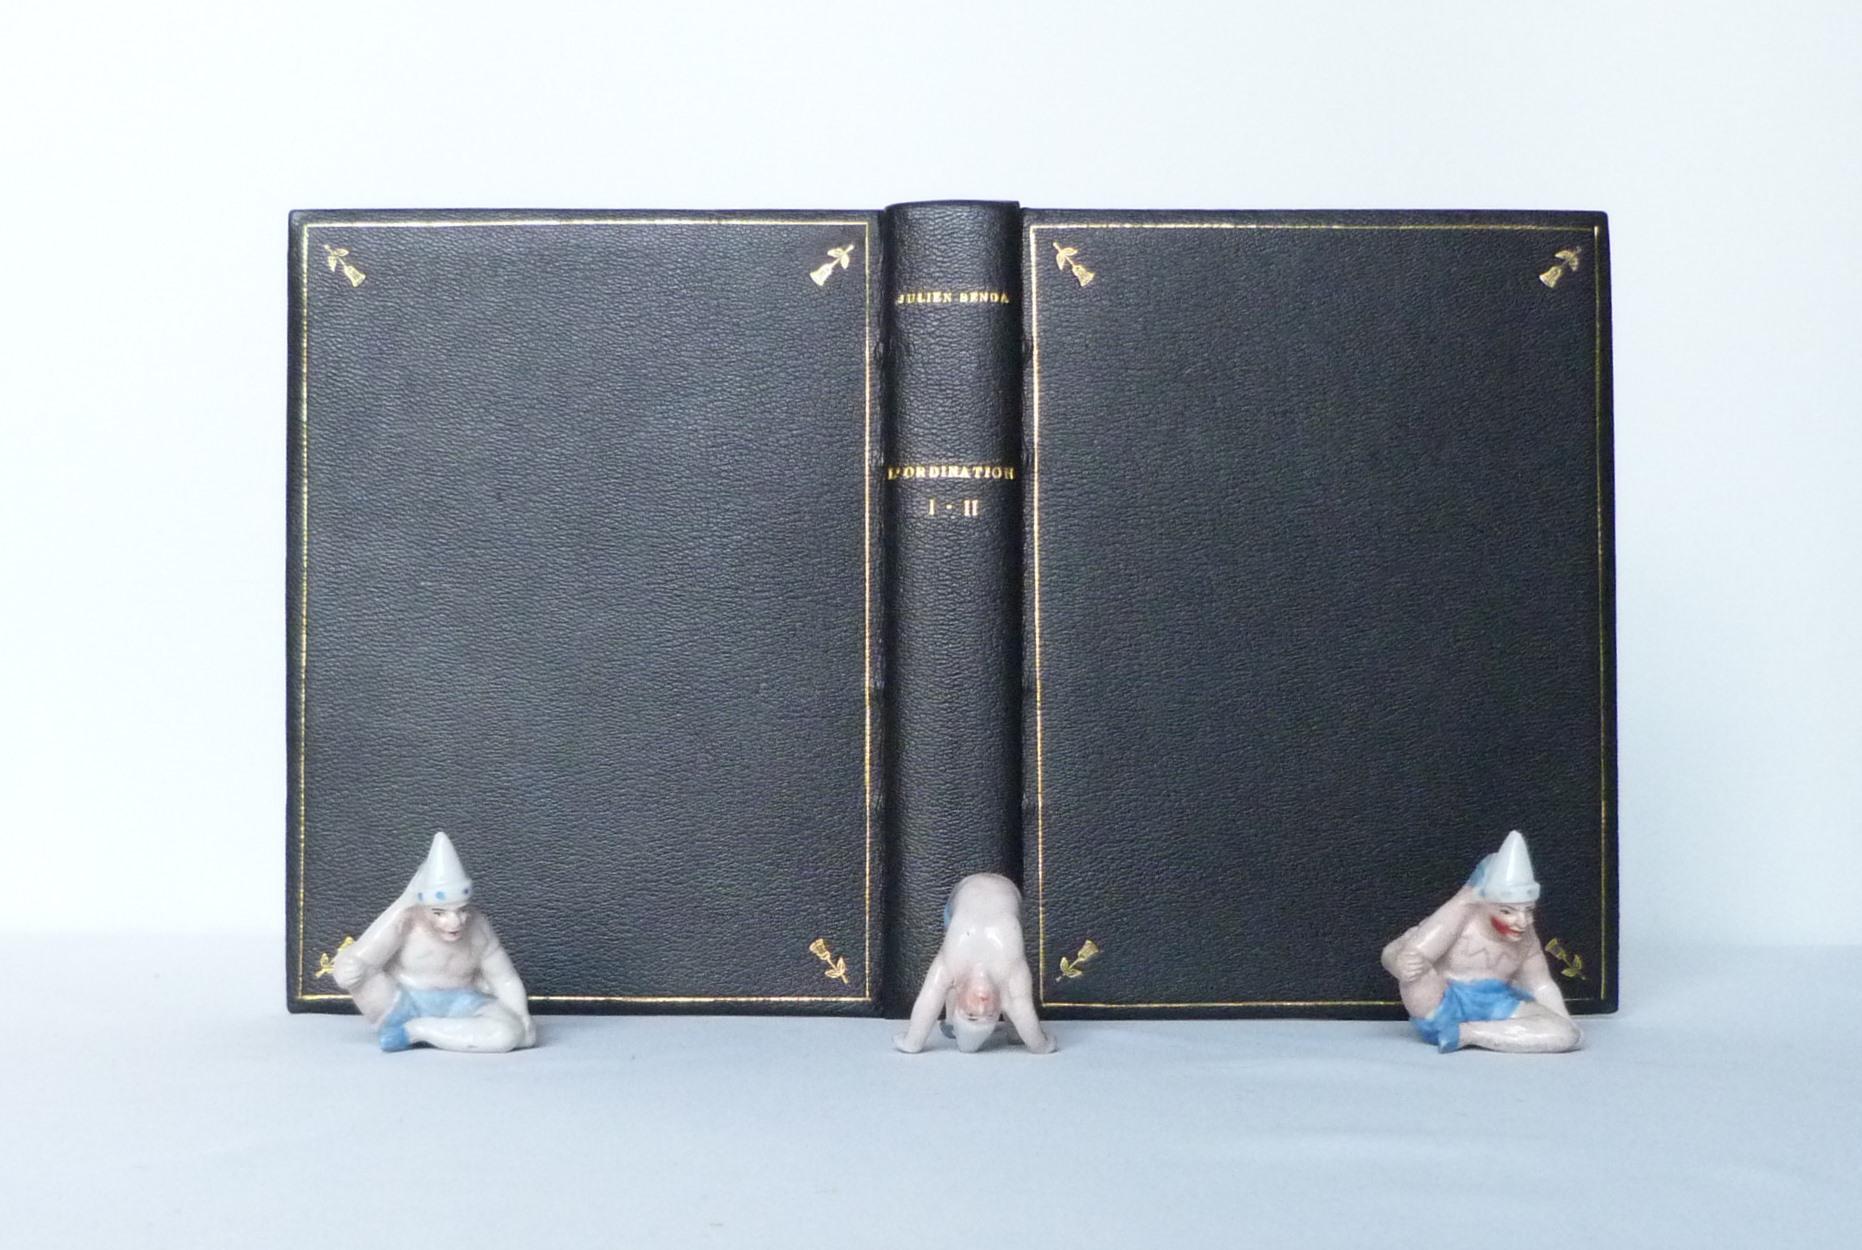 L'ordination, cahier de la quinzaine, plats ouverts